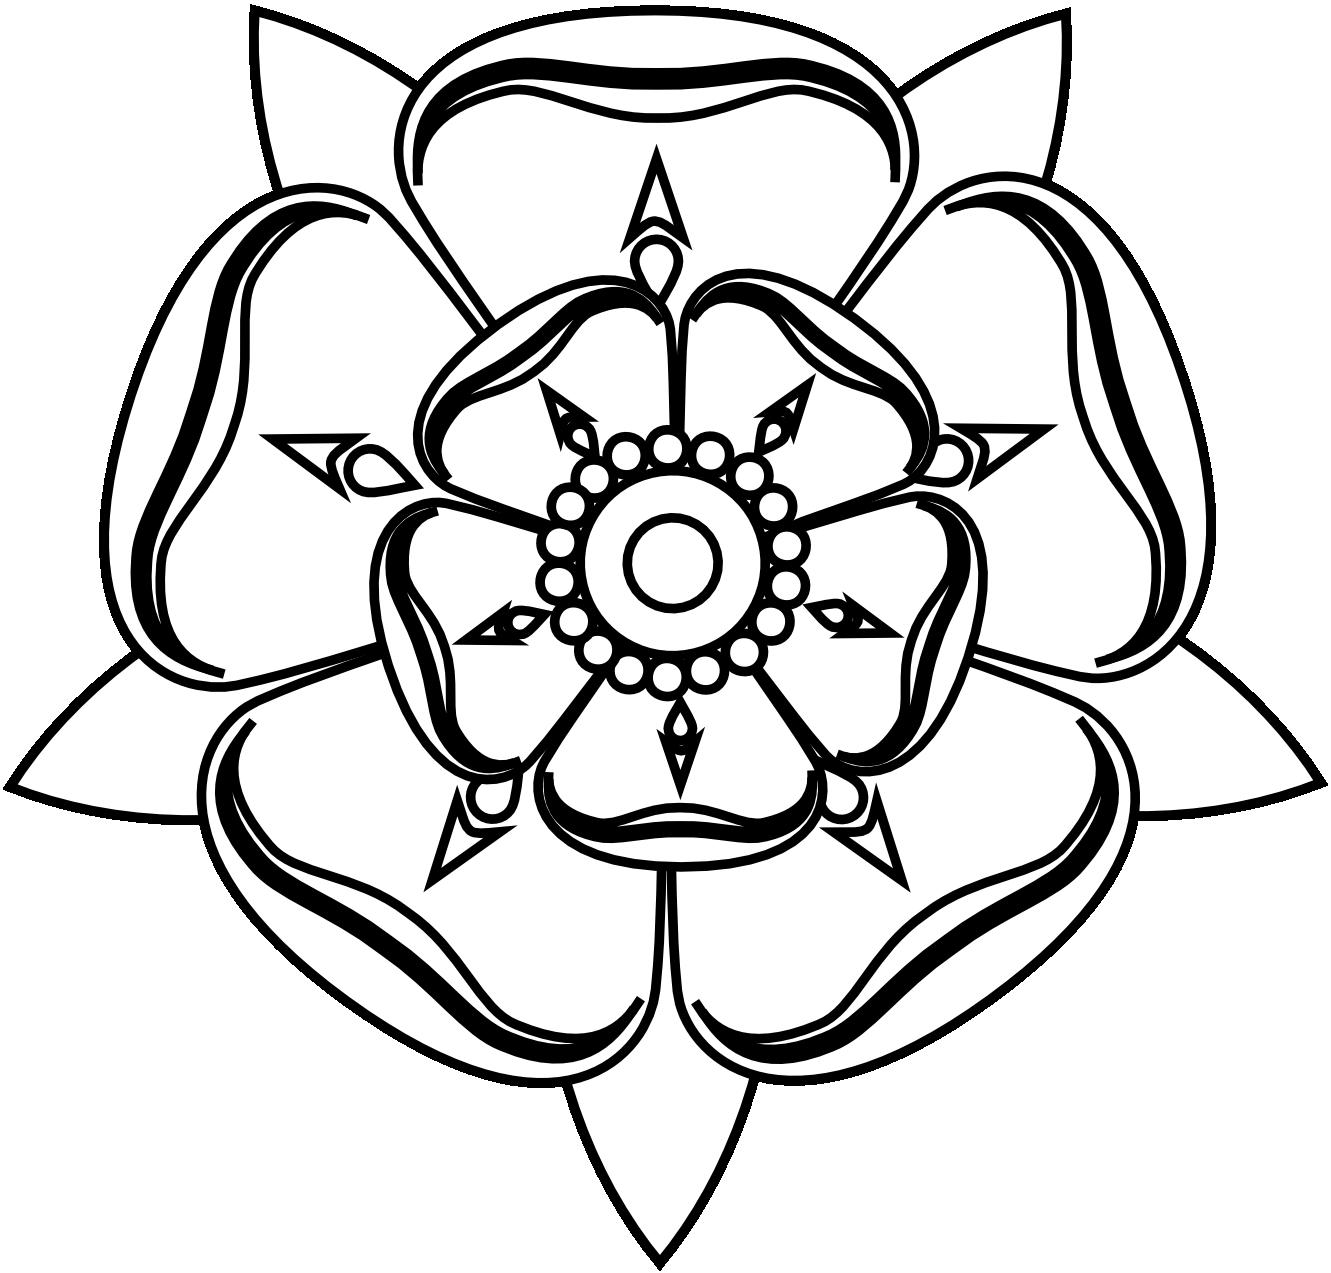 Tudor house clipart vector library library b50f407a4c6488698af669be54f7ba10_-tudor-rose-black-white-tudor-rose ... vector library library